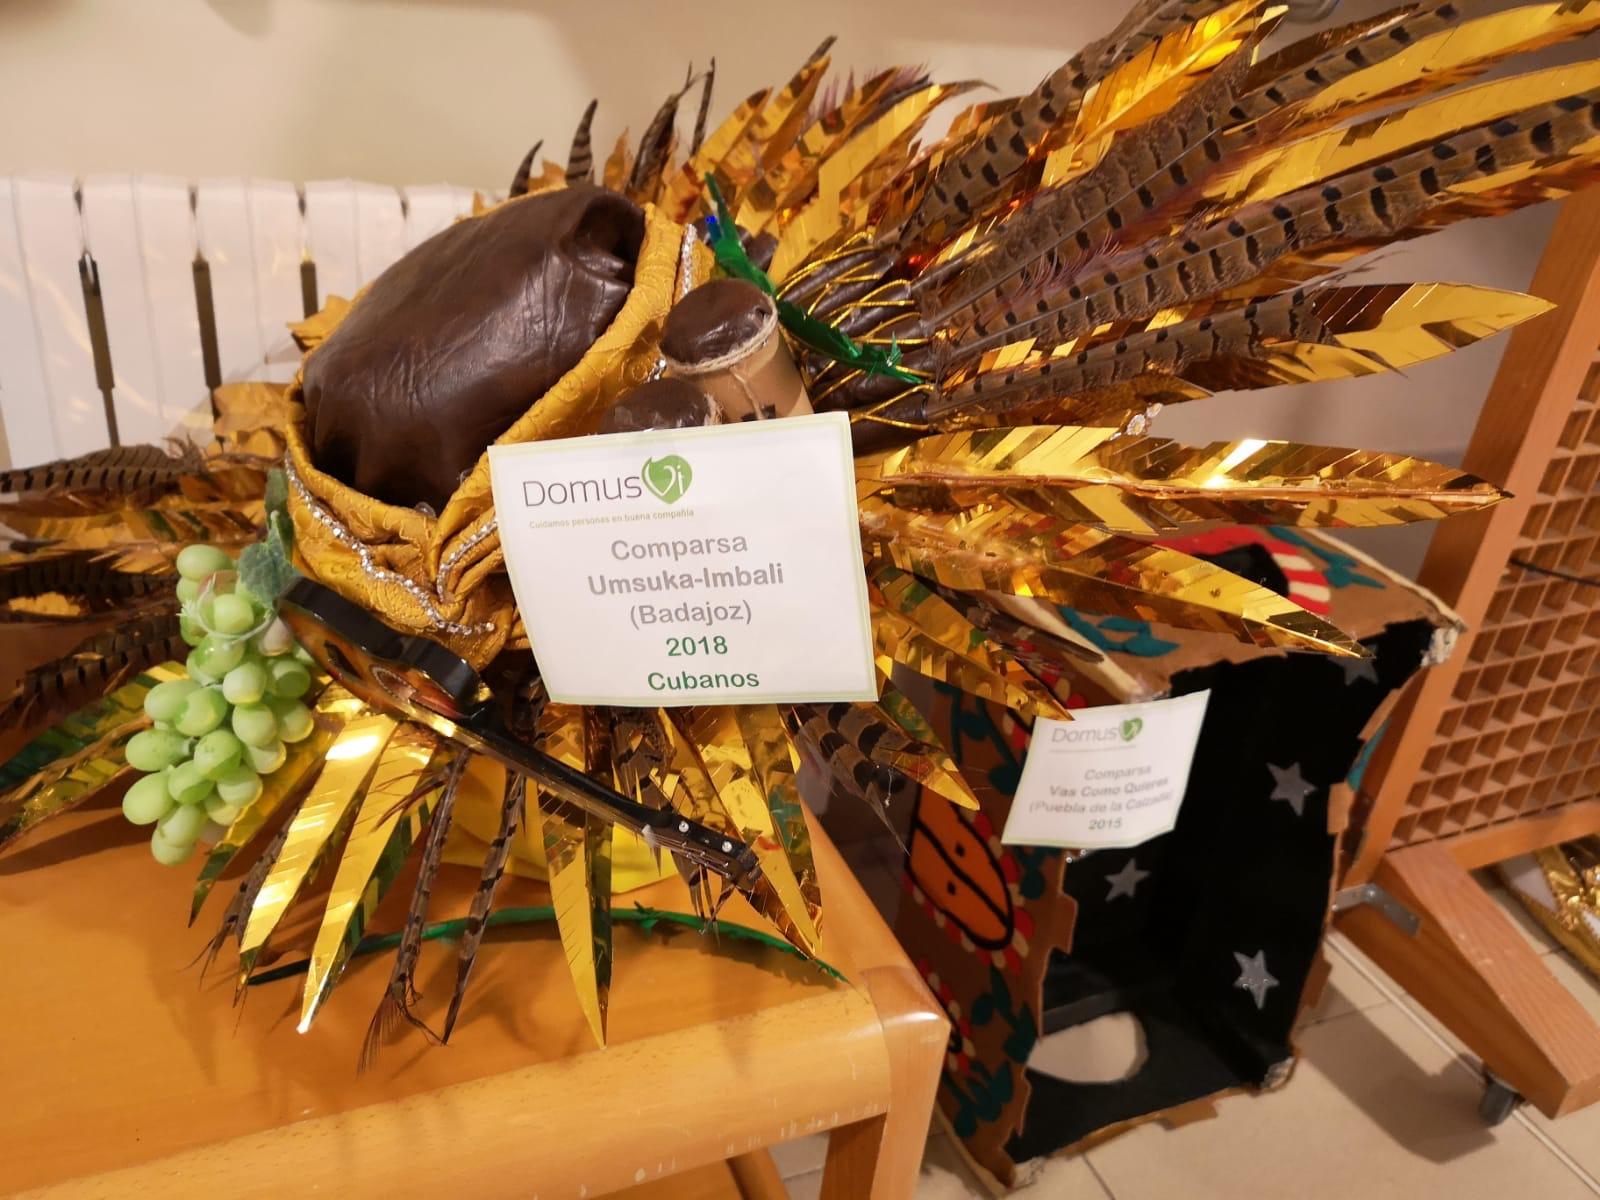 Concurso de Murgas Badajoz exposición en DomusVi Ciudad de Badajoz